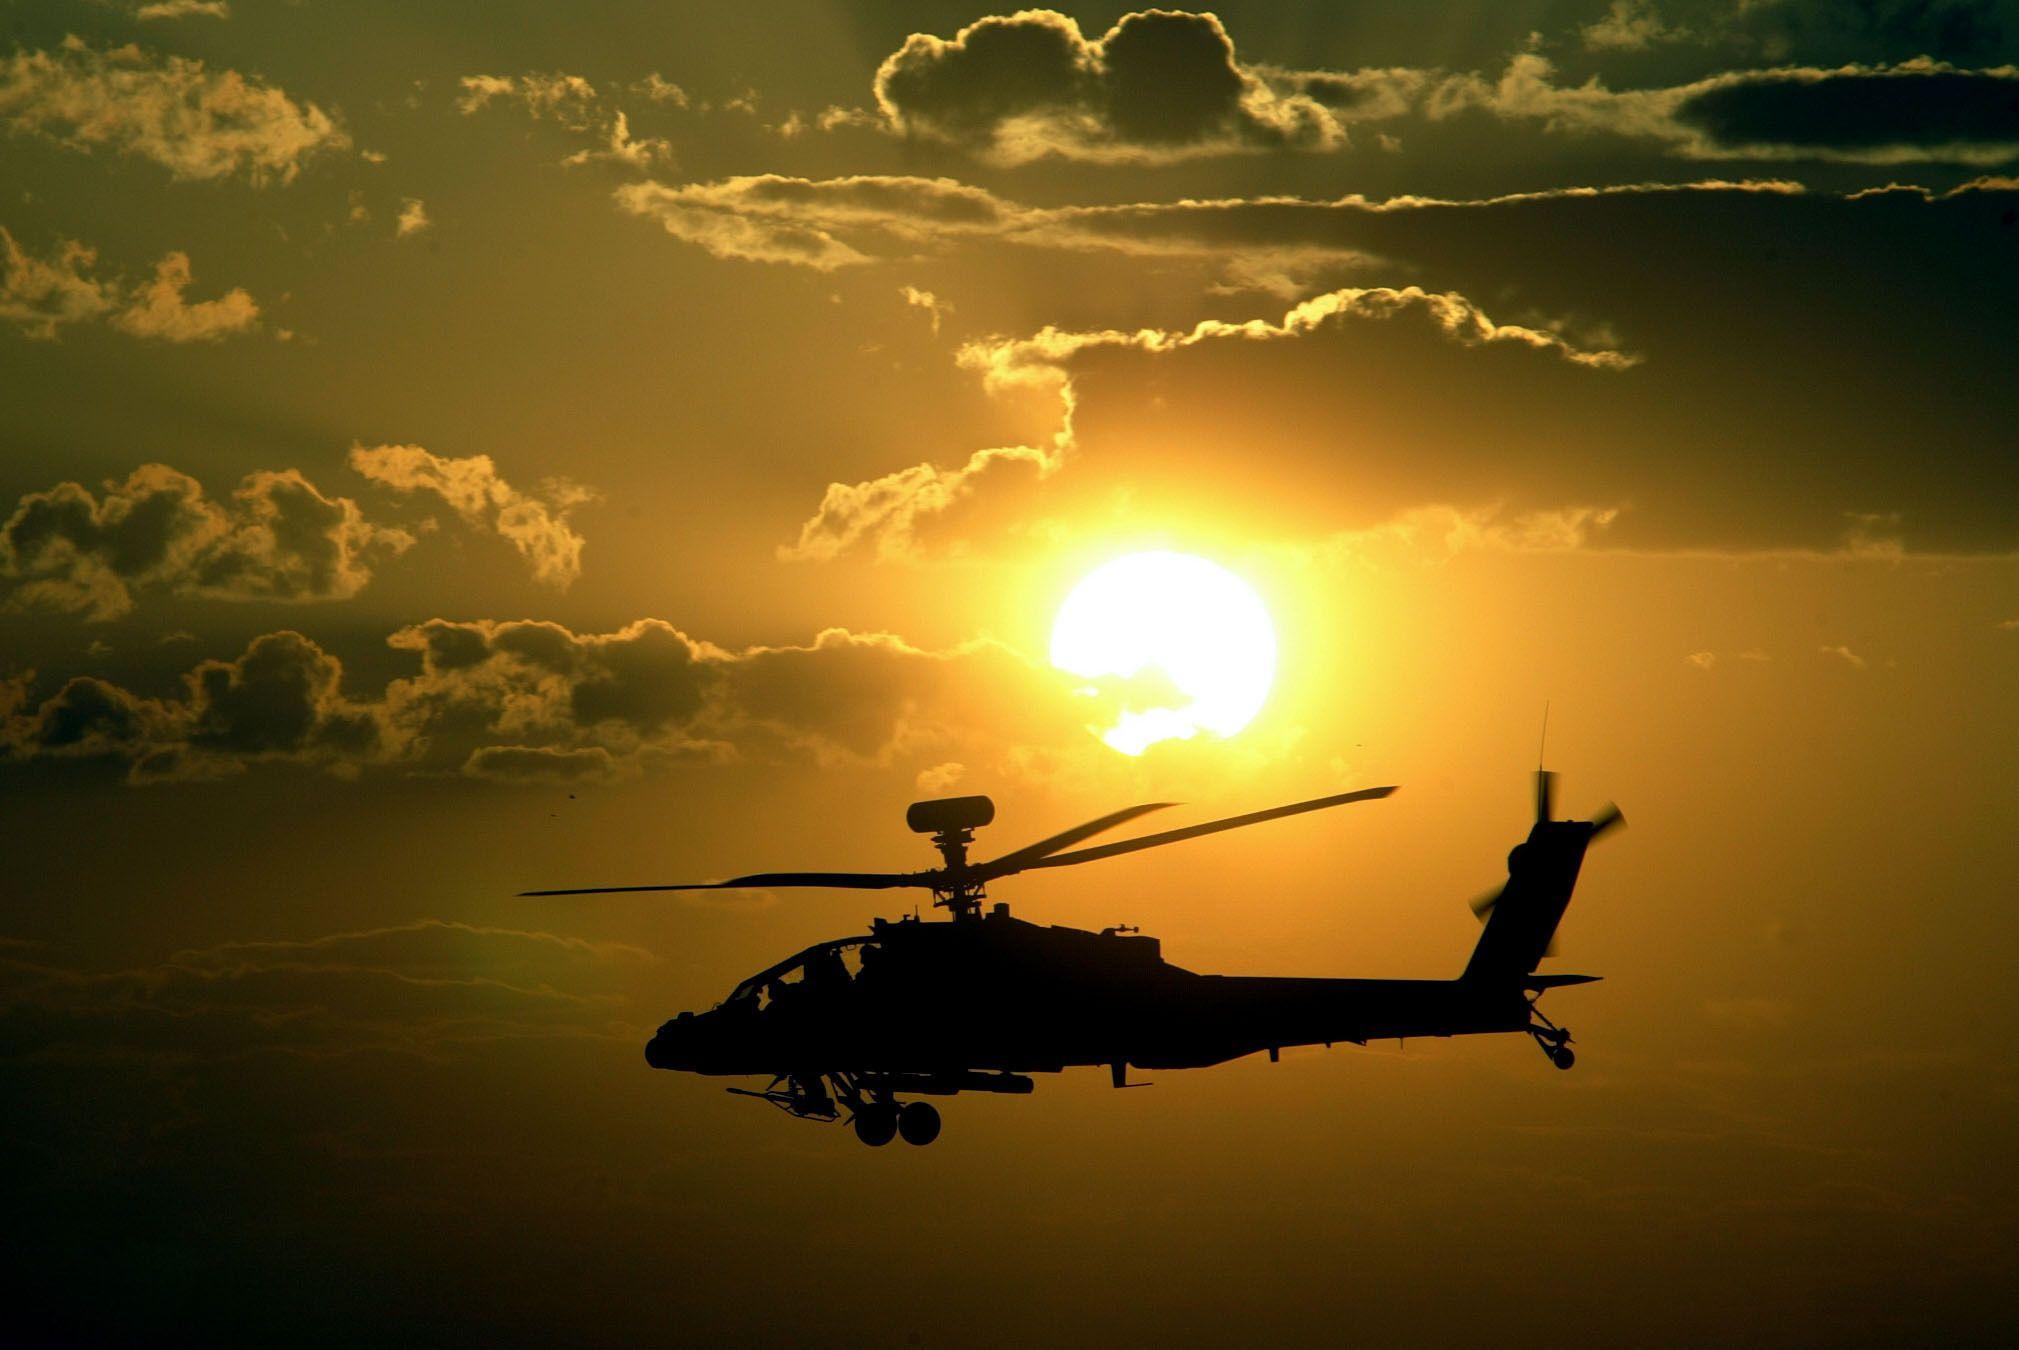 Обои летательные аппараты, картинки, самолеты, обои, вертолеты. Авиация foto 17